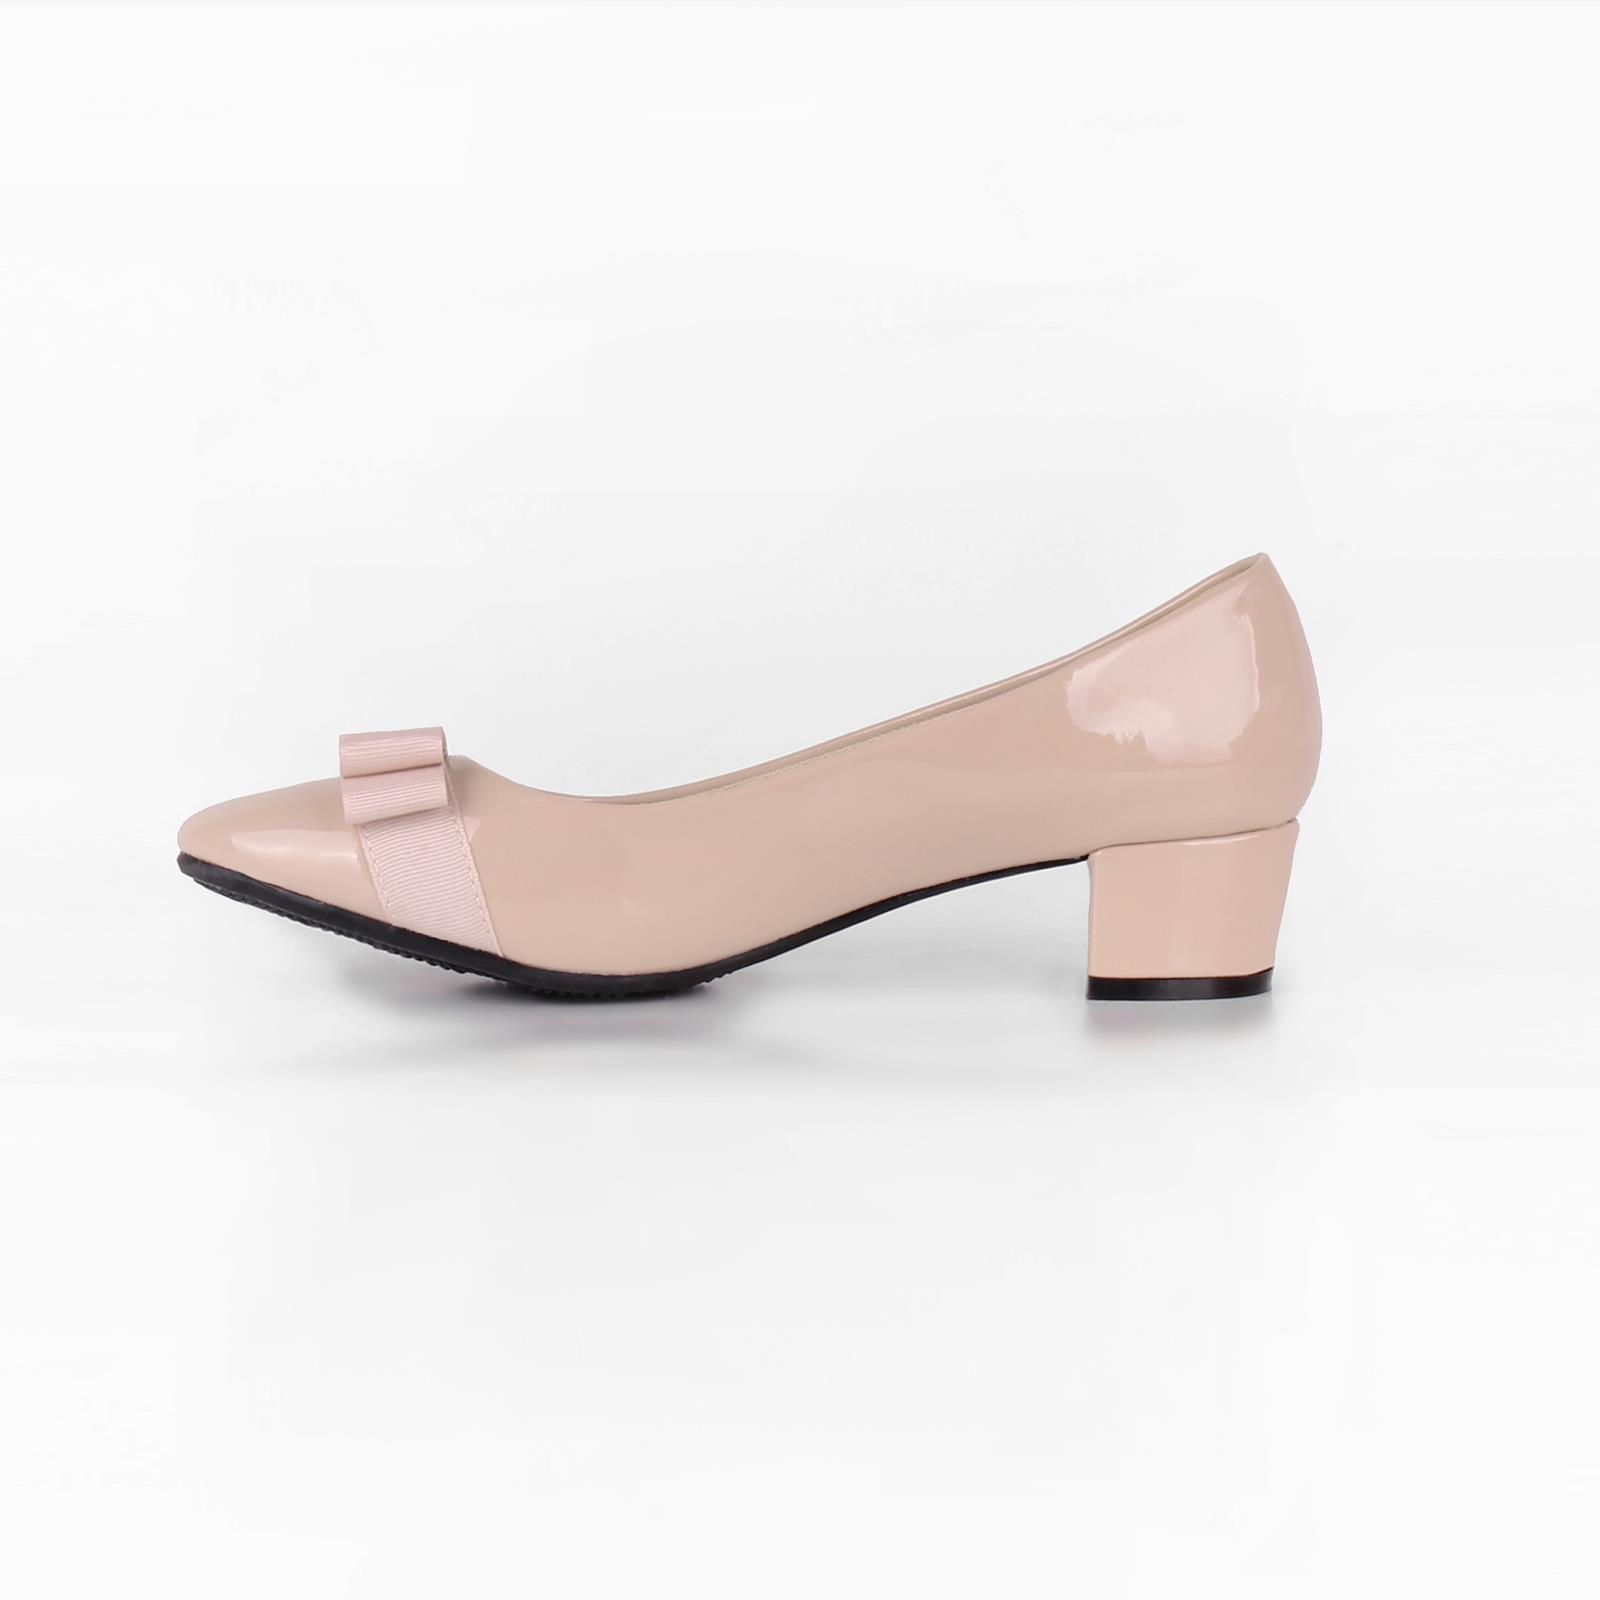 Damen-Elegante-Absatzschuhe-Hochlganz-Pumps-Blockabsatz-Ballerina-Schuhe-Chic Indexbild 36